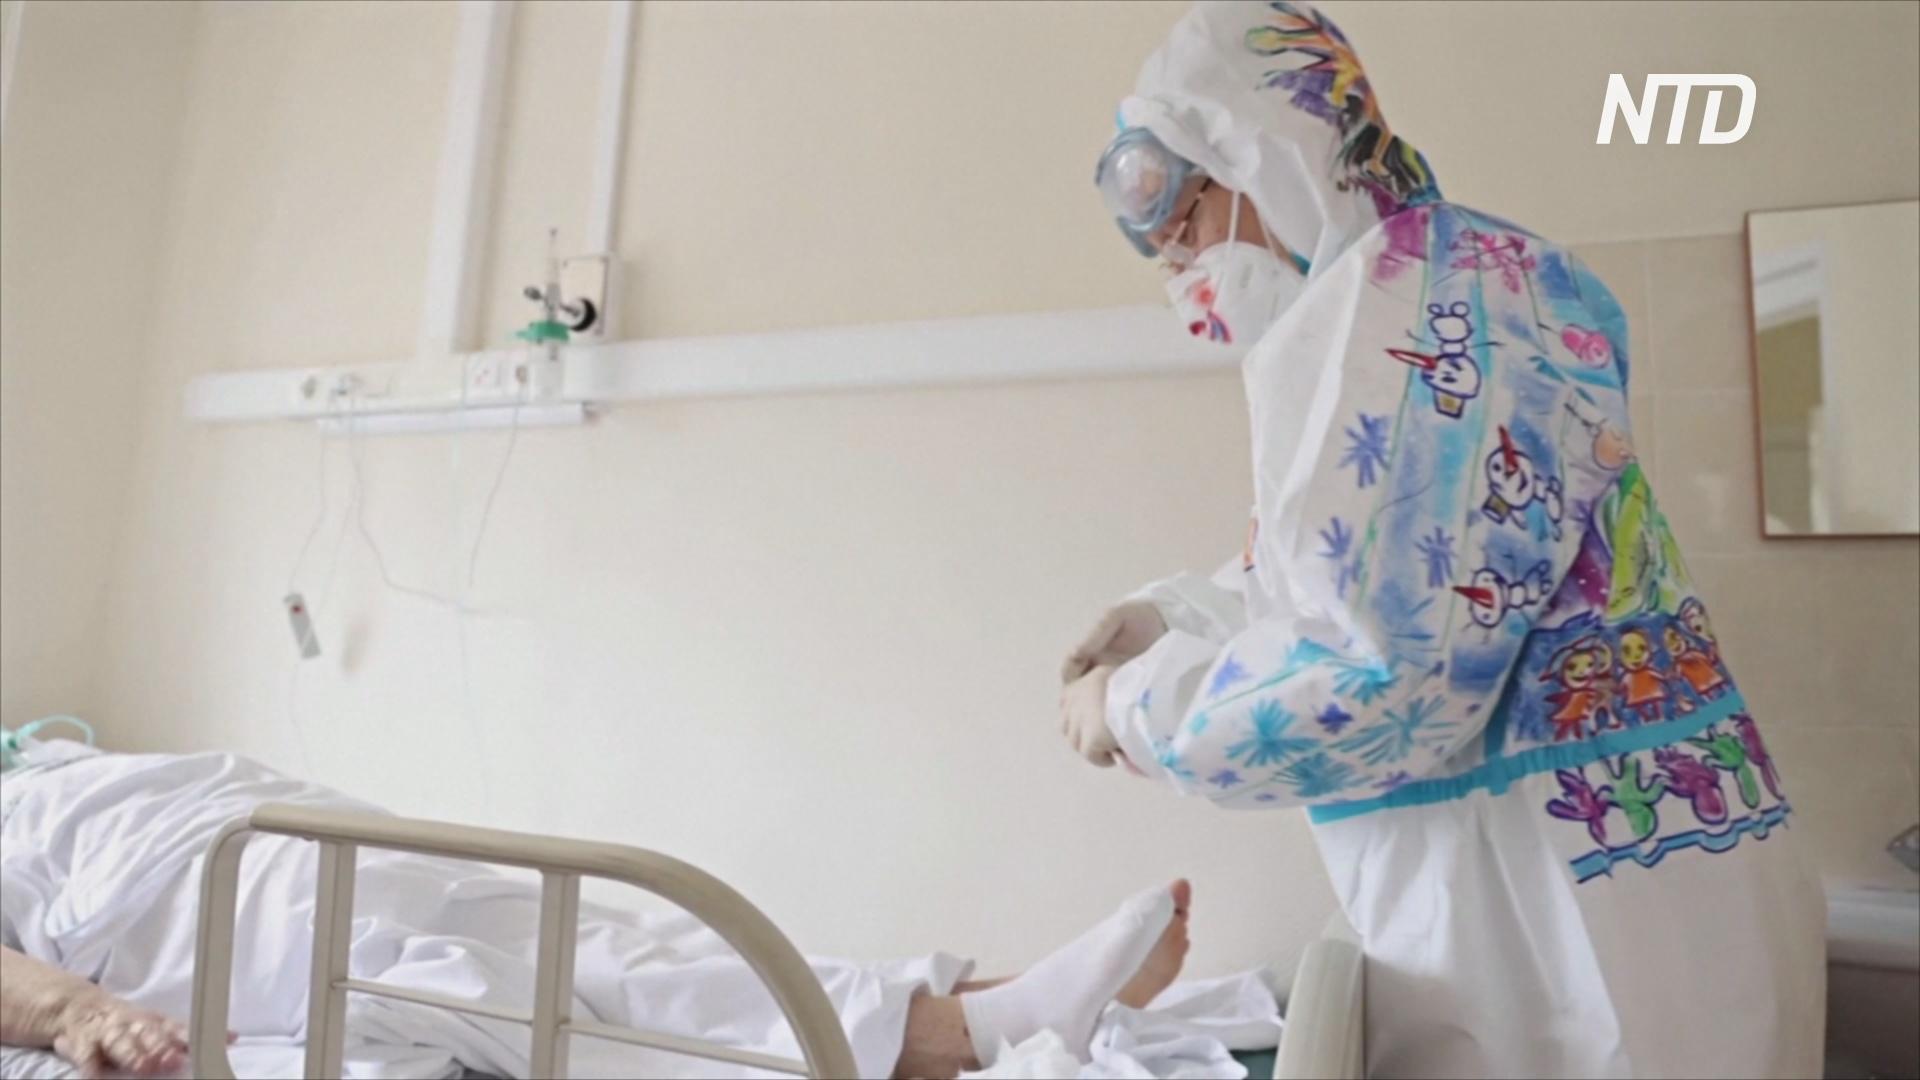 Однодневное искусство: волонтёр рисует на защитных костюмах, чтобы подбодрить пациентов